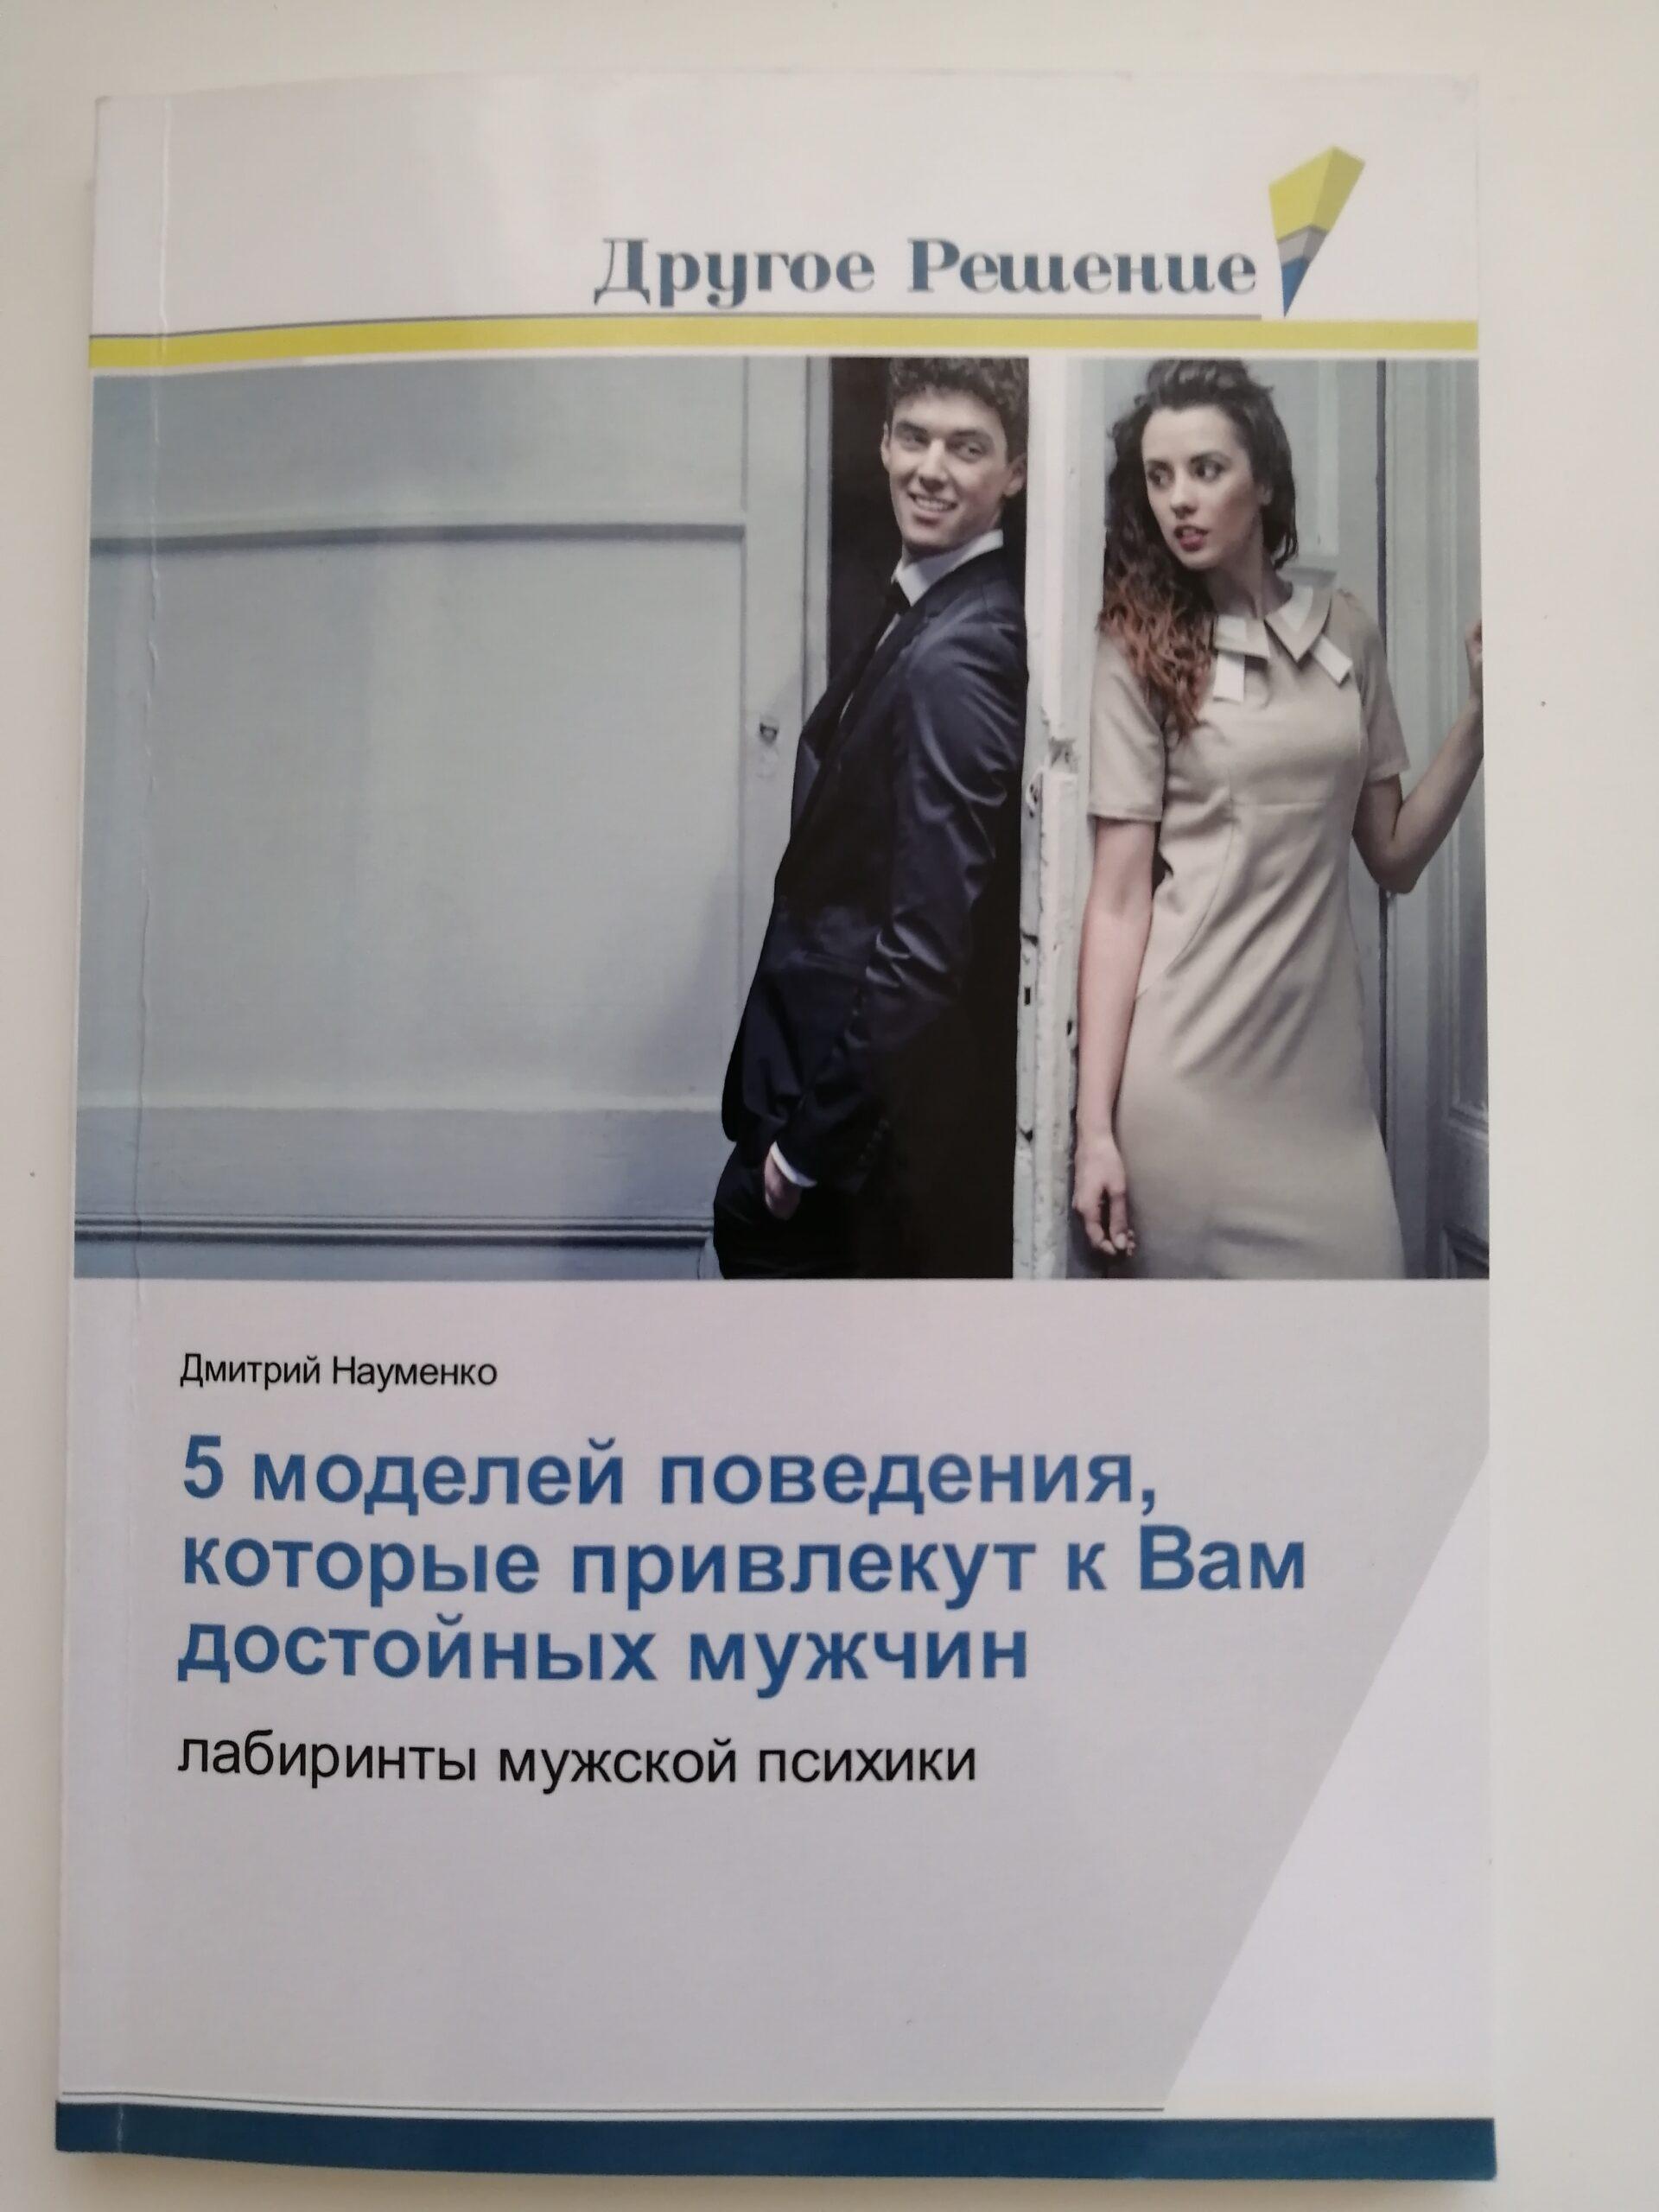 Дмитрий Науменко - 5 моделей поведения, которые привлекут к вам достойных мужчин